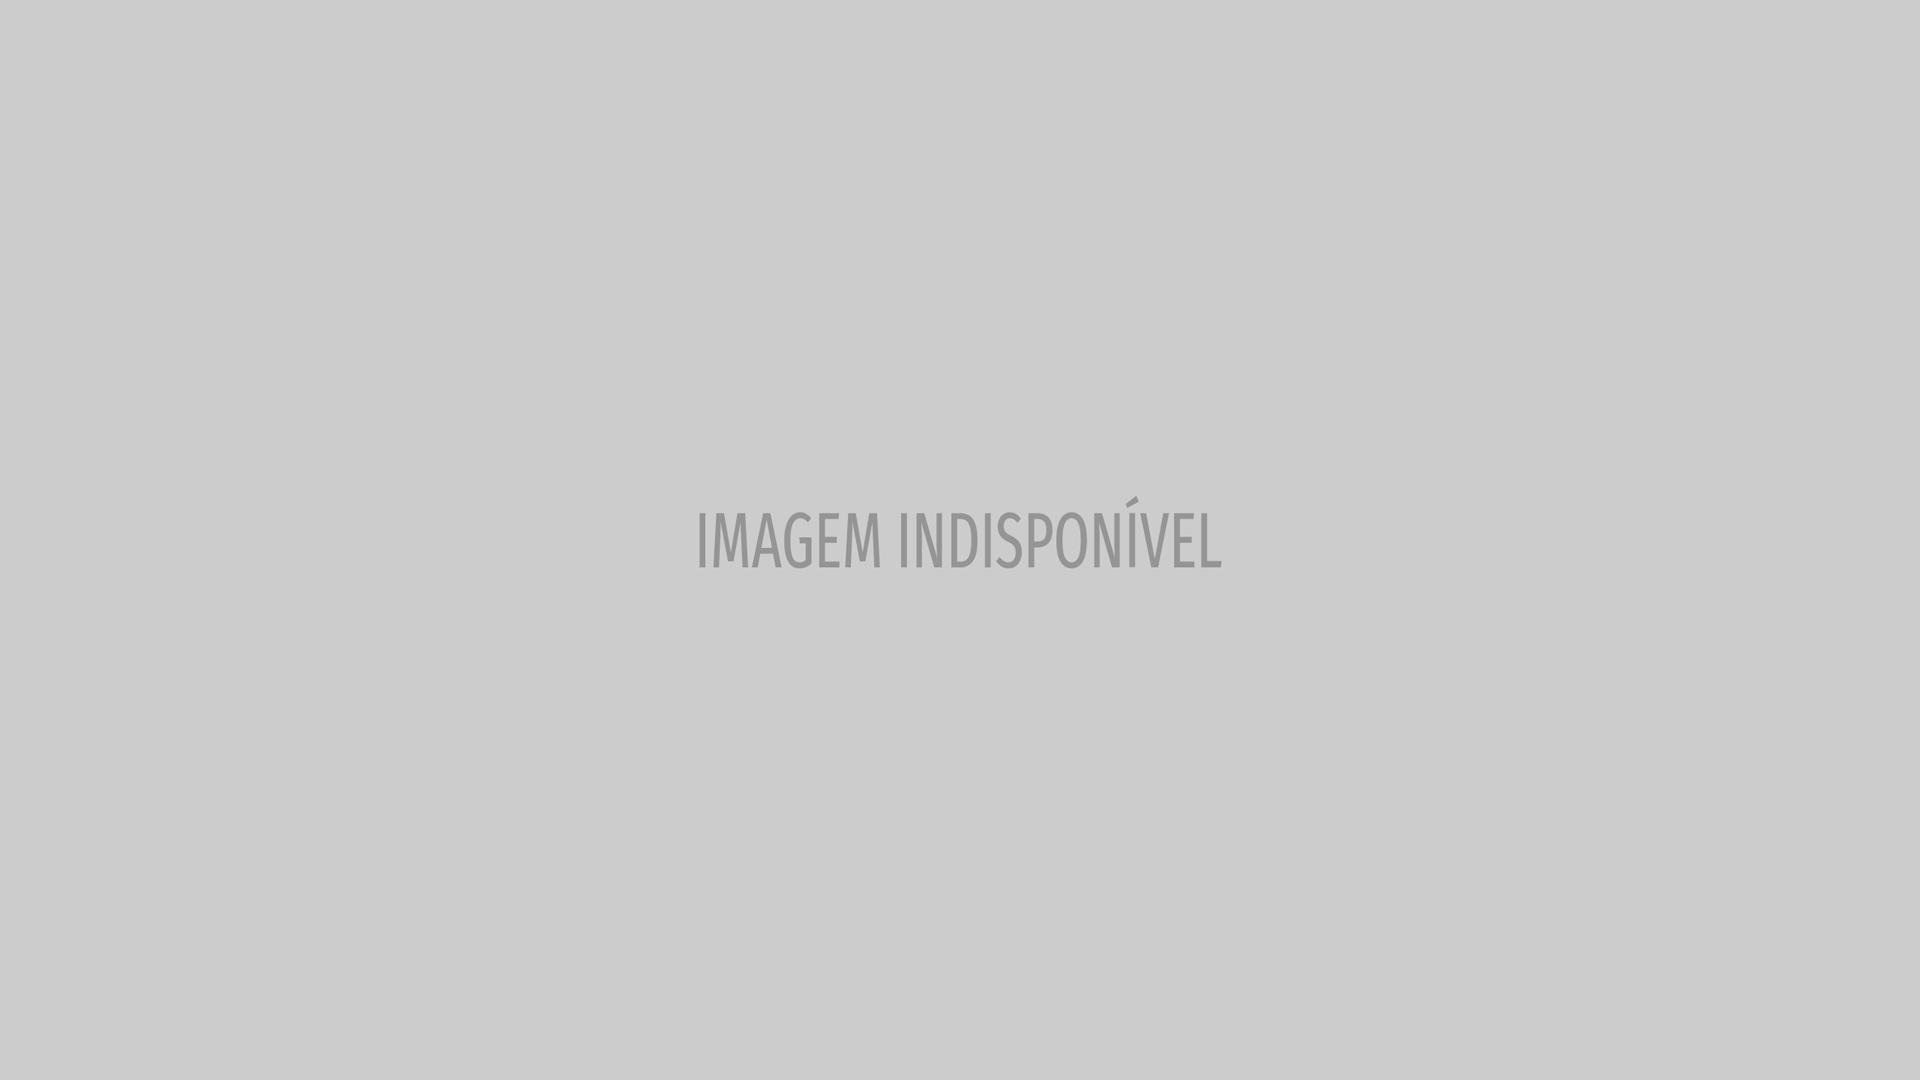 30 fatos sobre o universo que você provavelmente não sabia